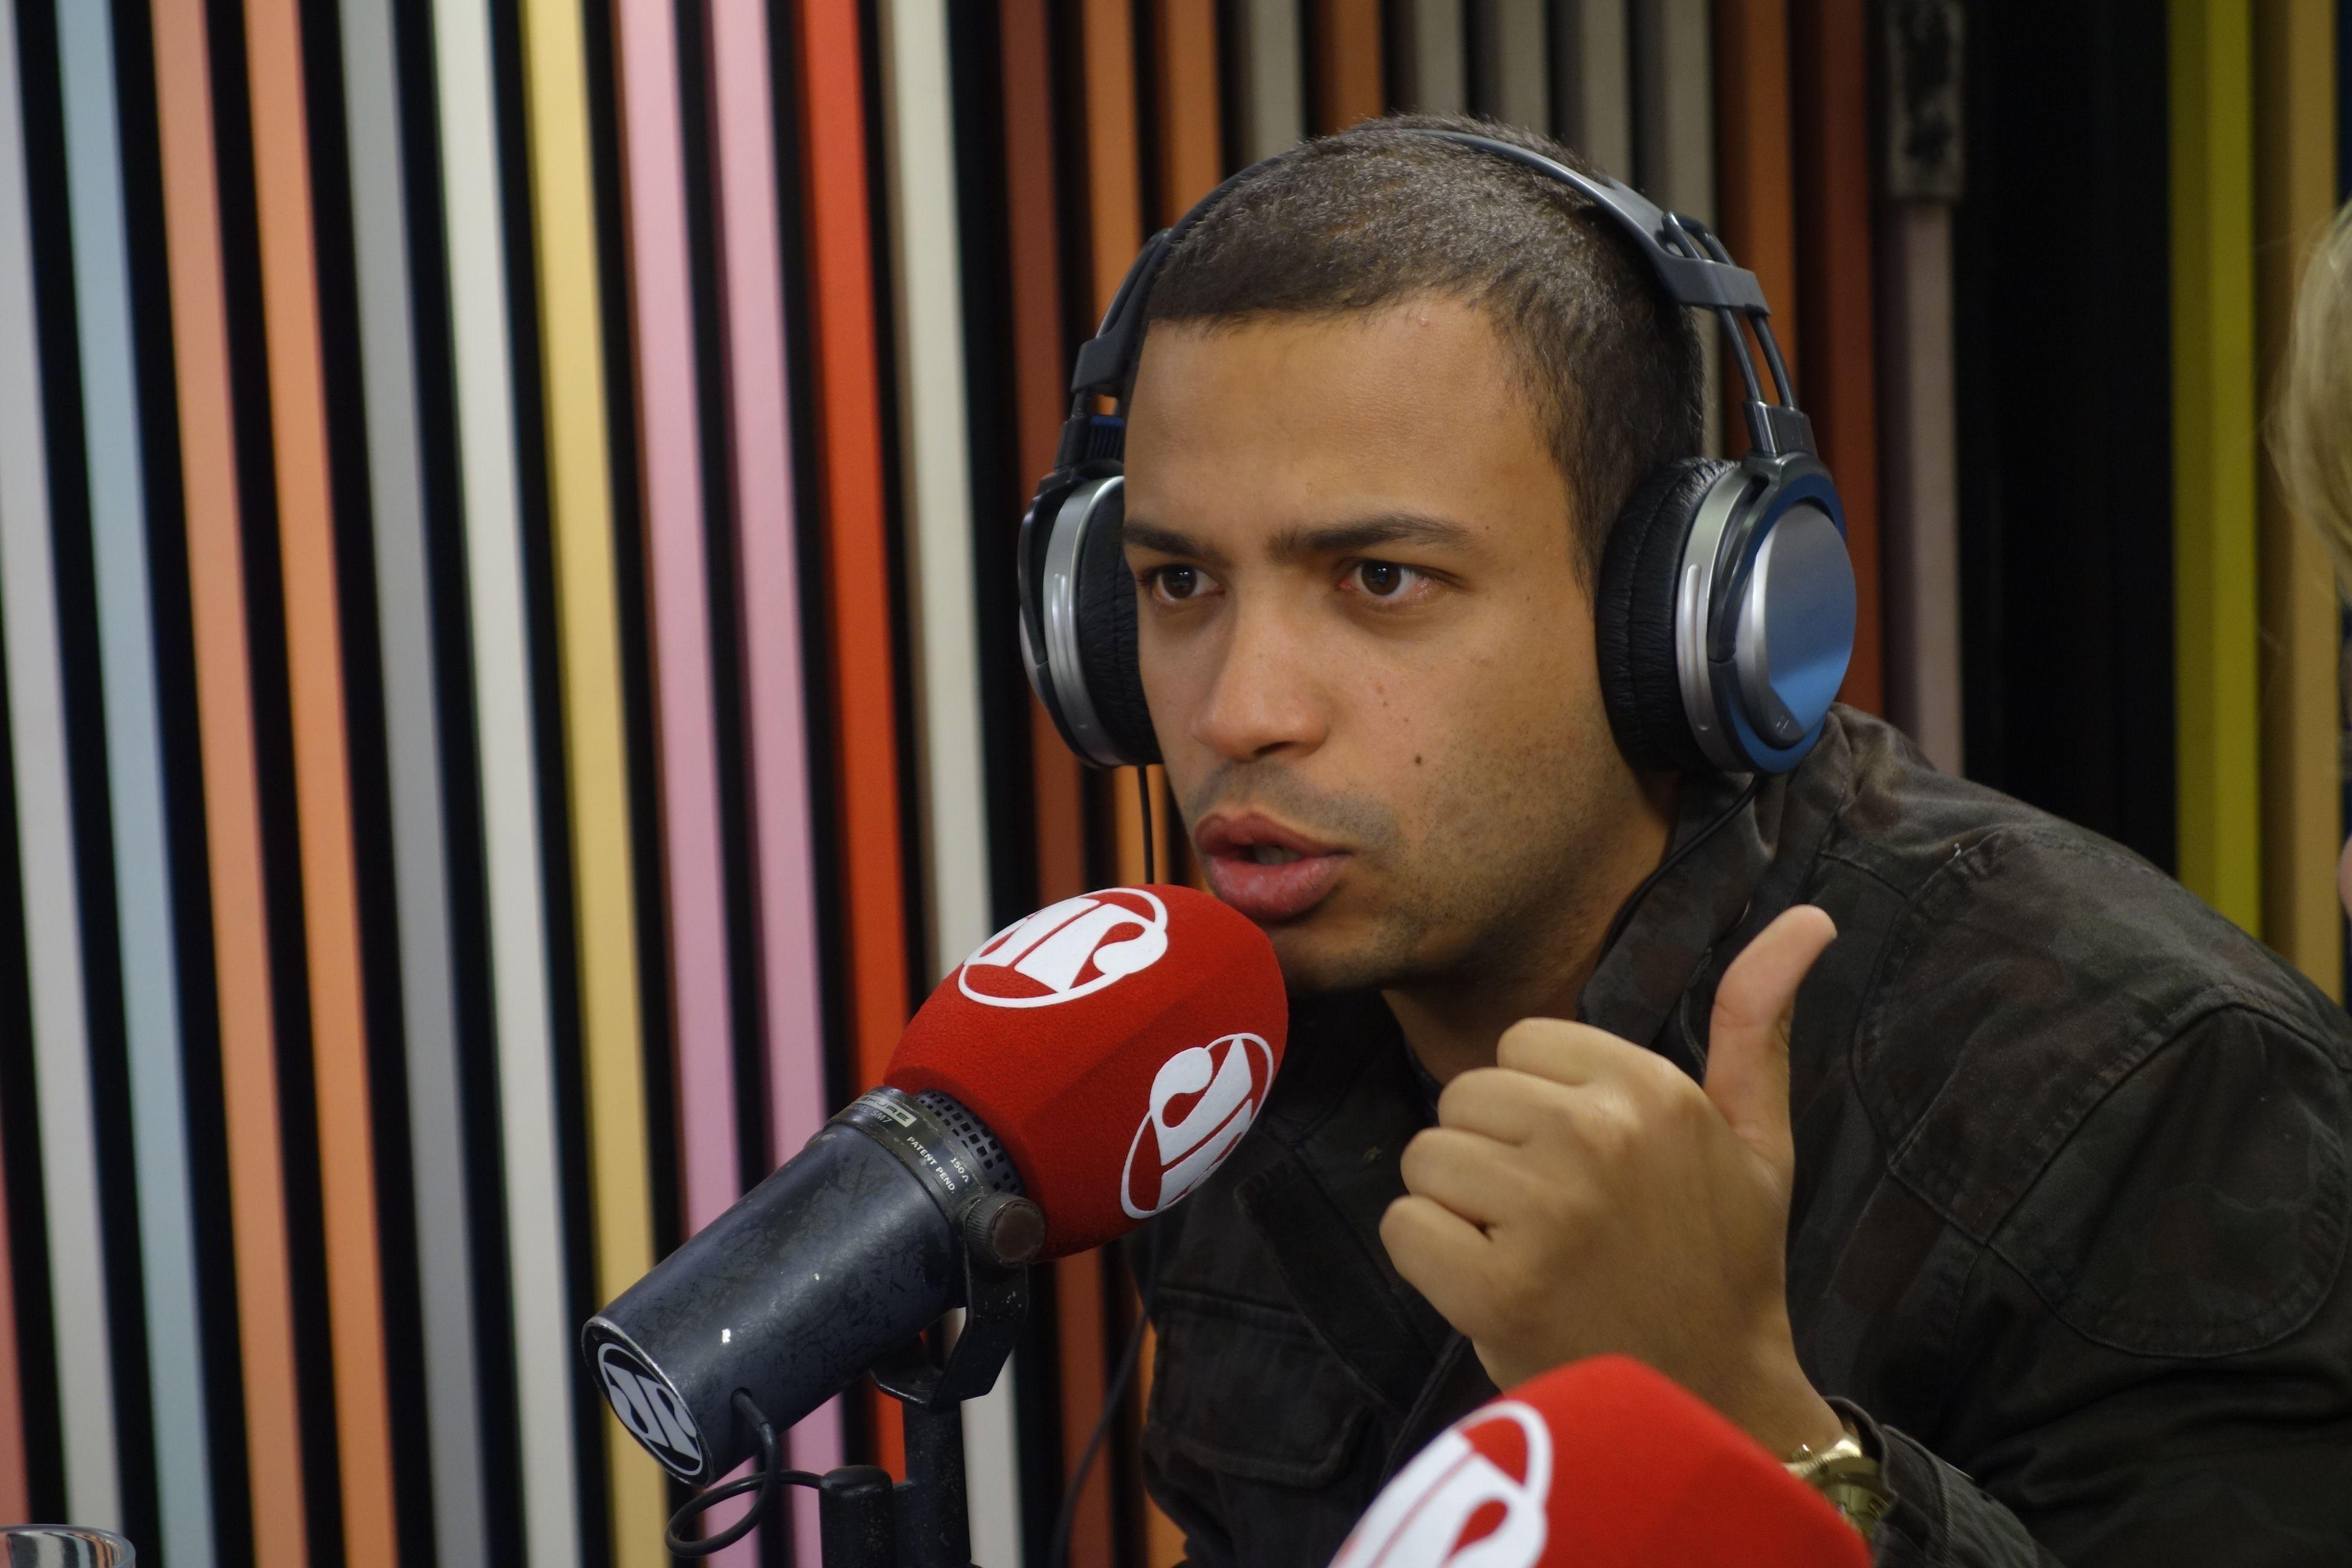 A cada entrevista dada, Tiago - nome de batismo do cantor - demonstra ser uma pessoa especiall